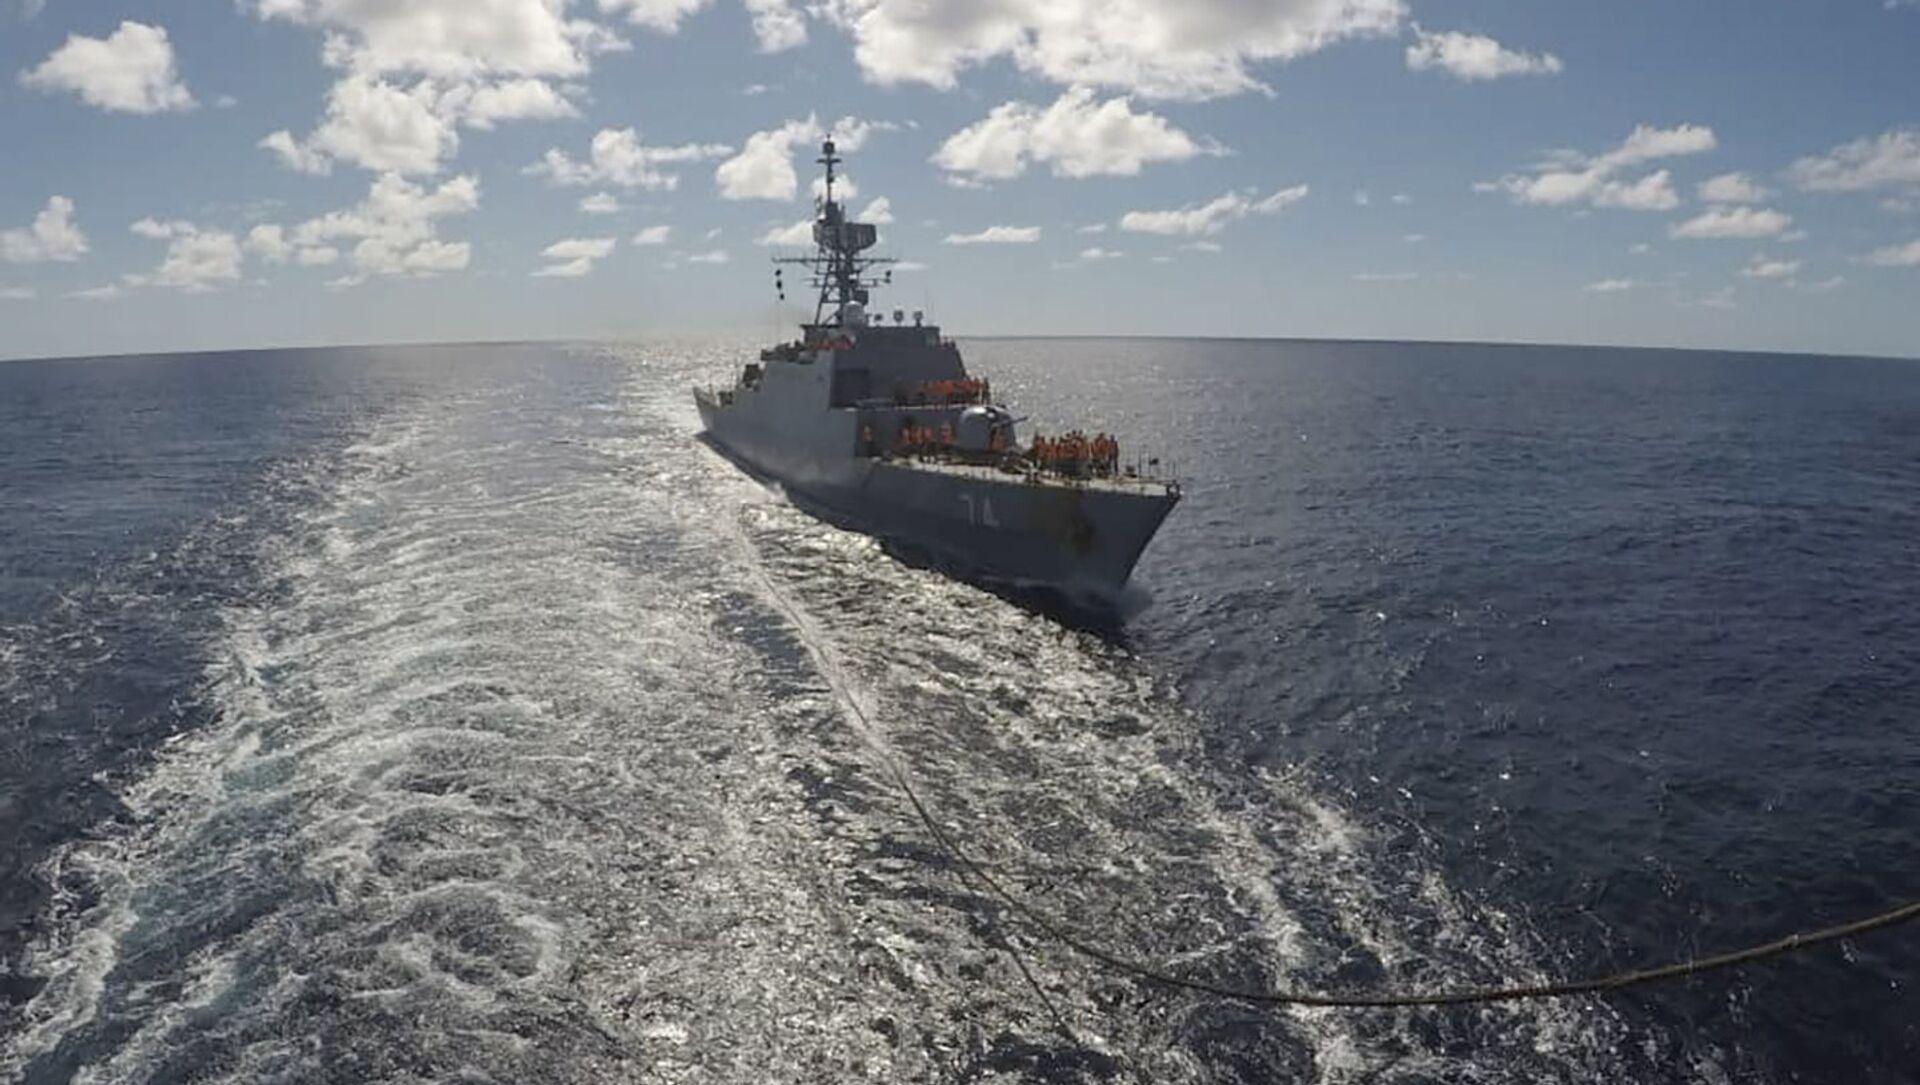 Un navire iranien entre dans l'océan Atlantique, le 10 juin 2021 - Sputnik France, 1920, 26.06.2021